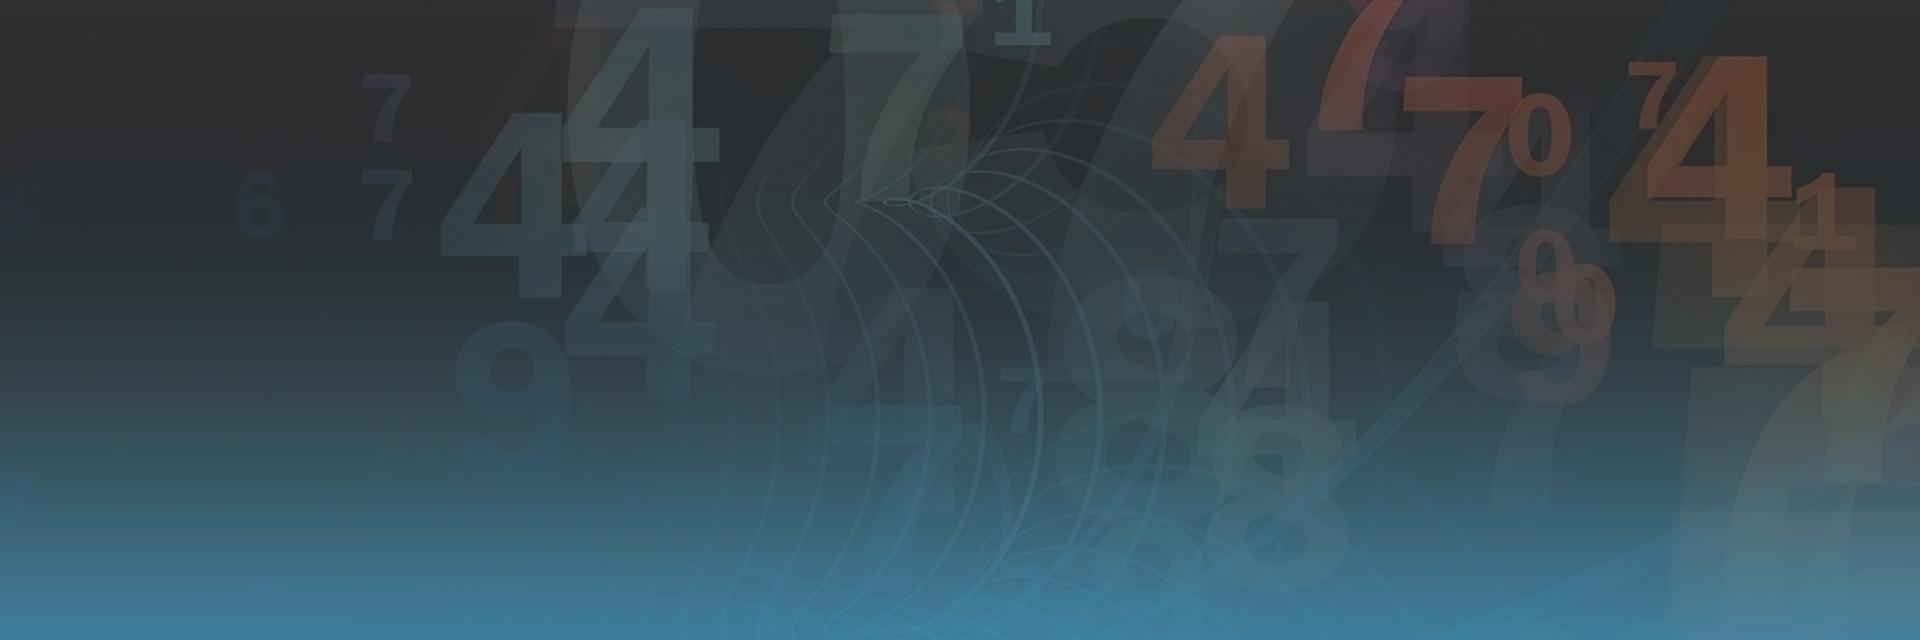 8 pillars of inbound marketing